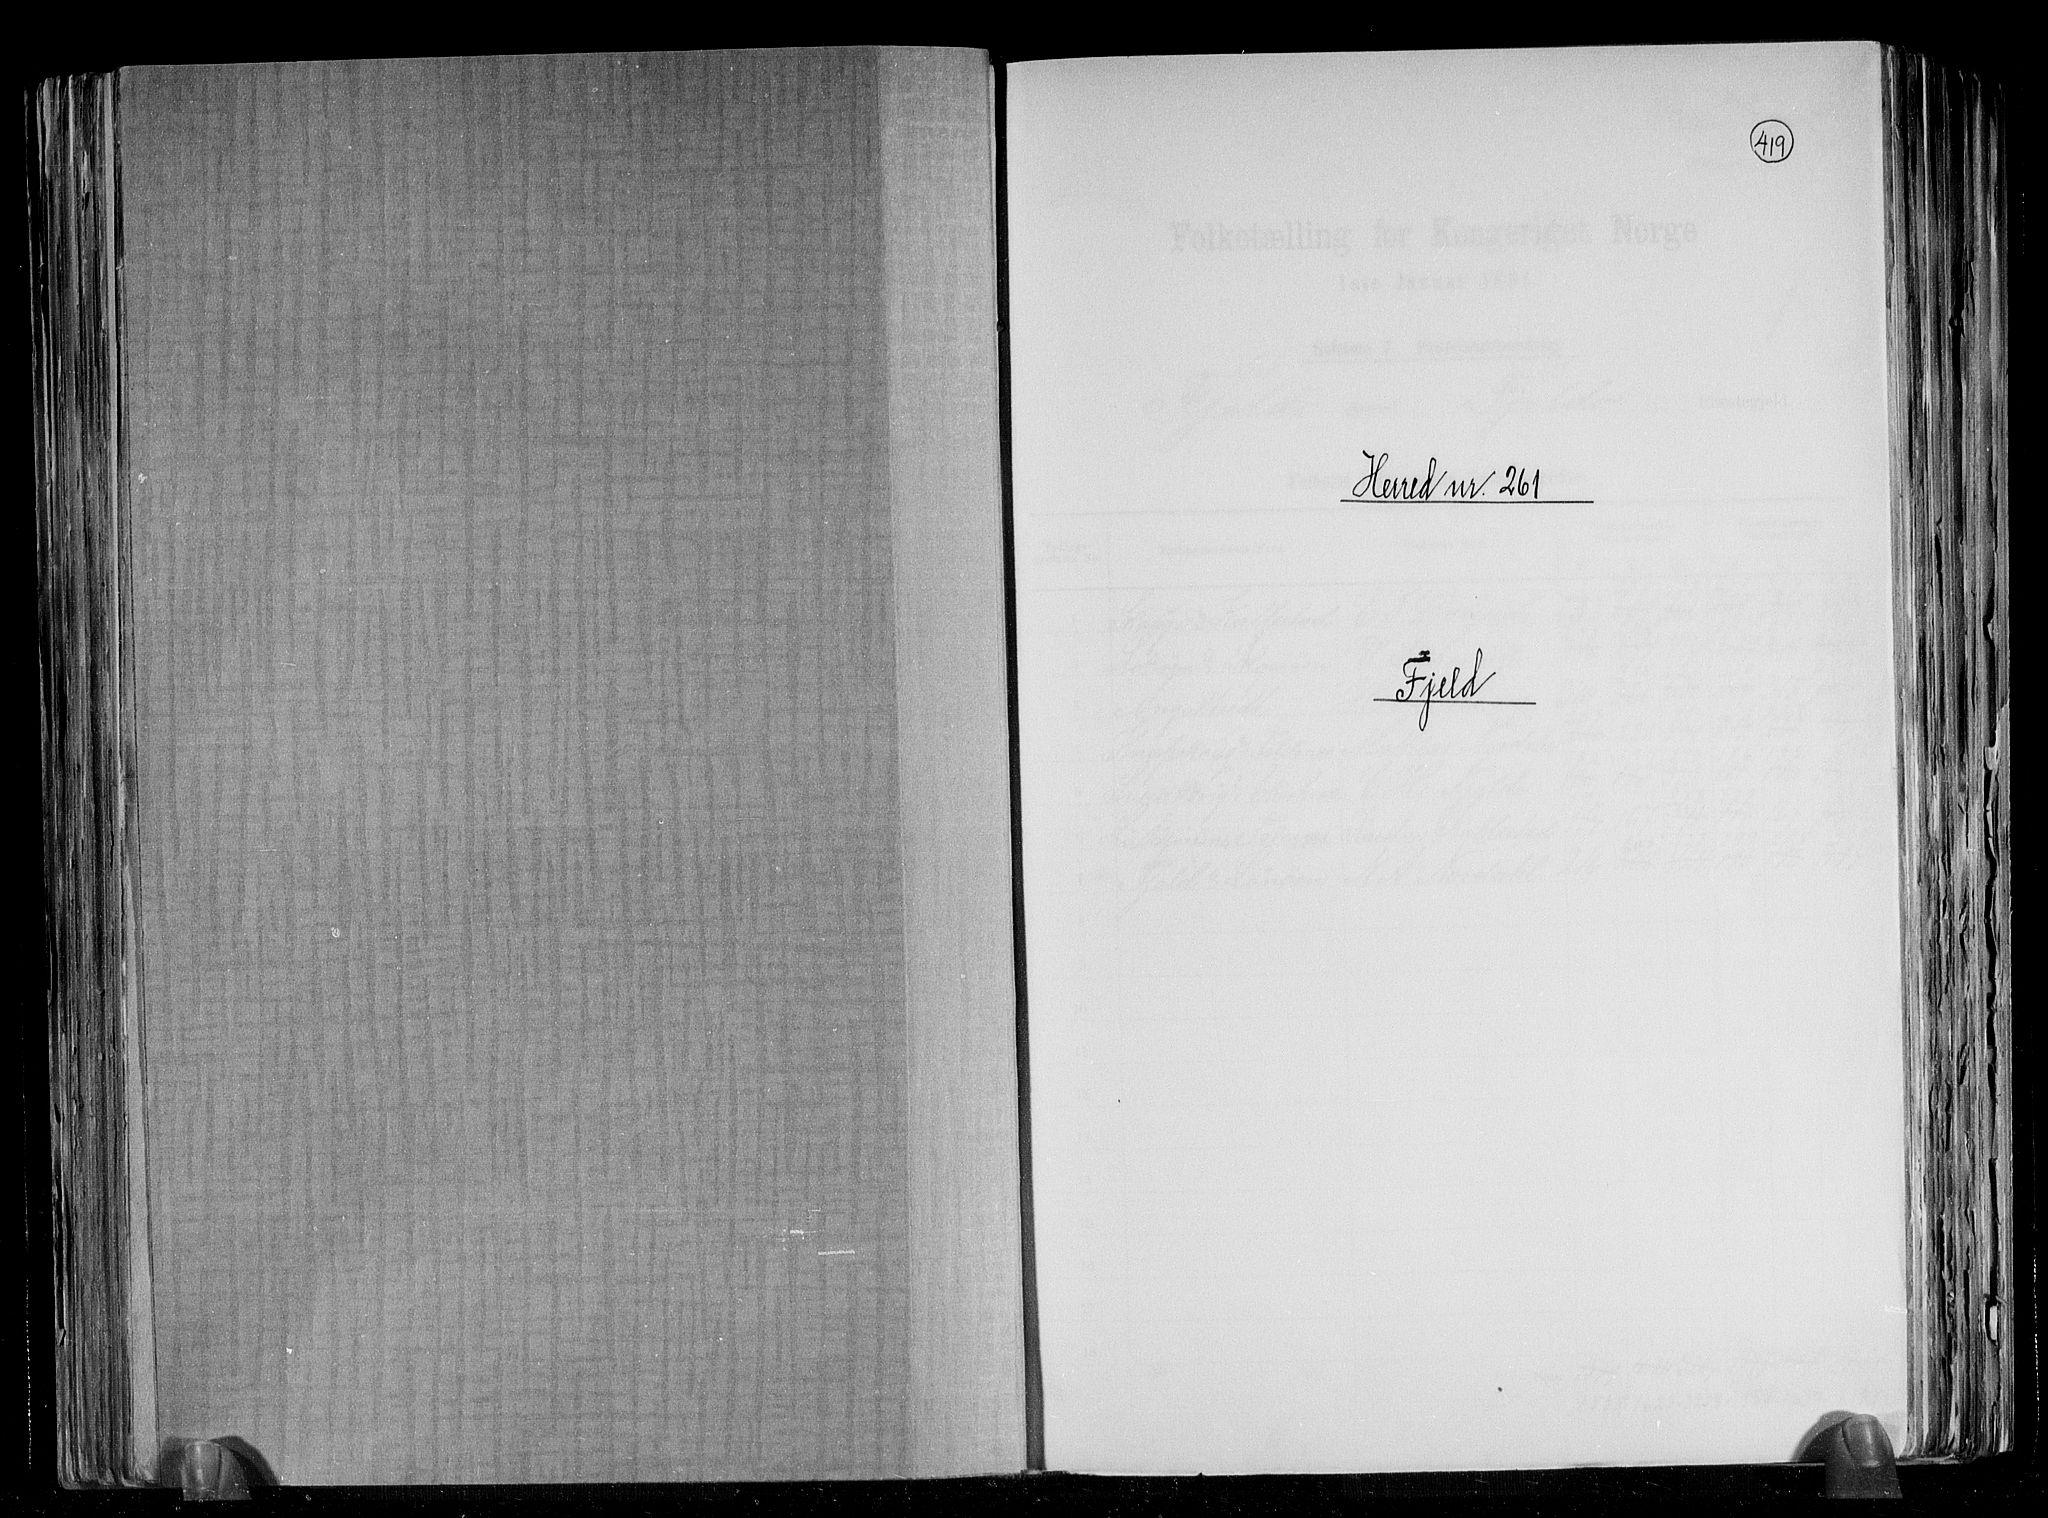 RA, Folketelling 1891 for 1246 Fjell herred, 1891, s. 1